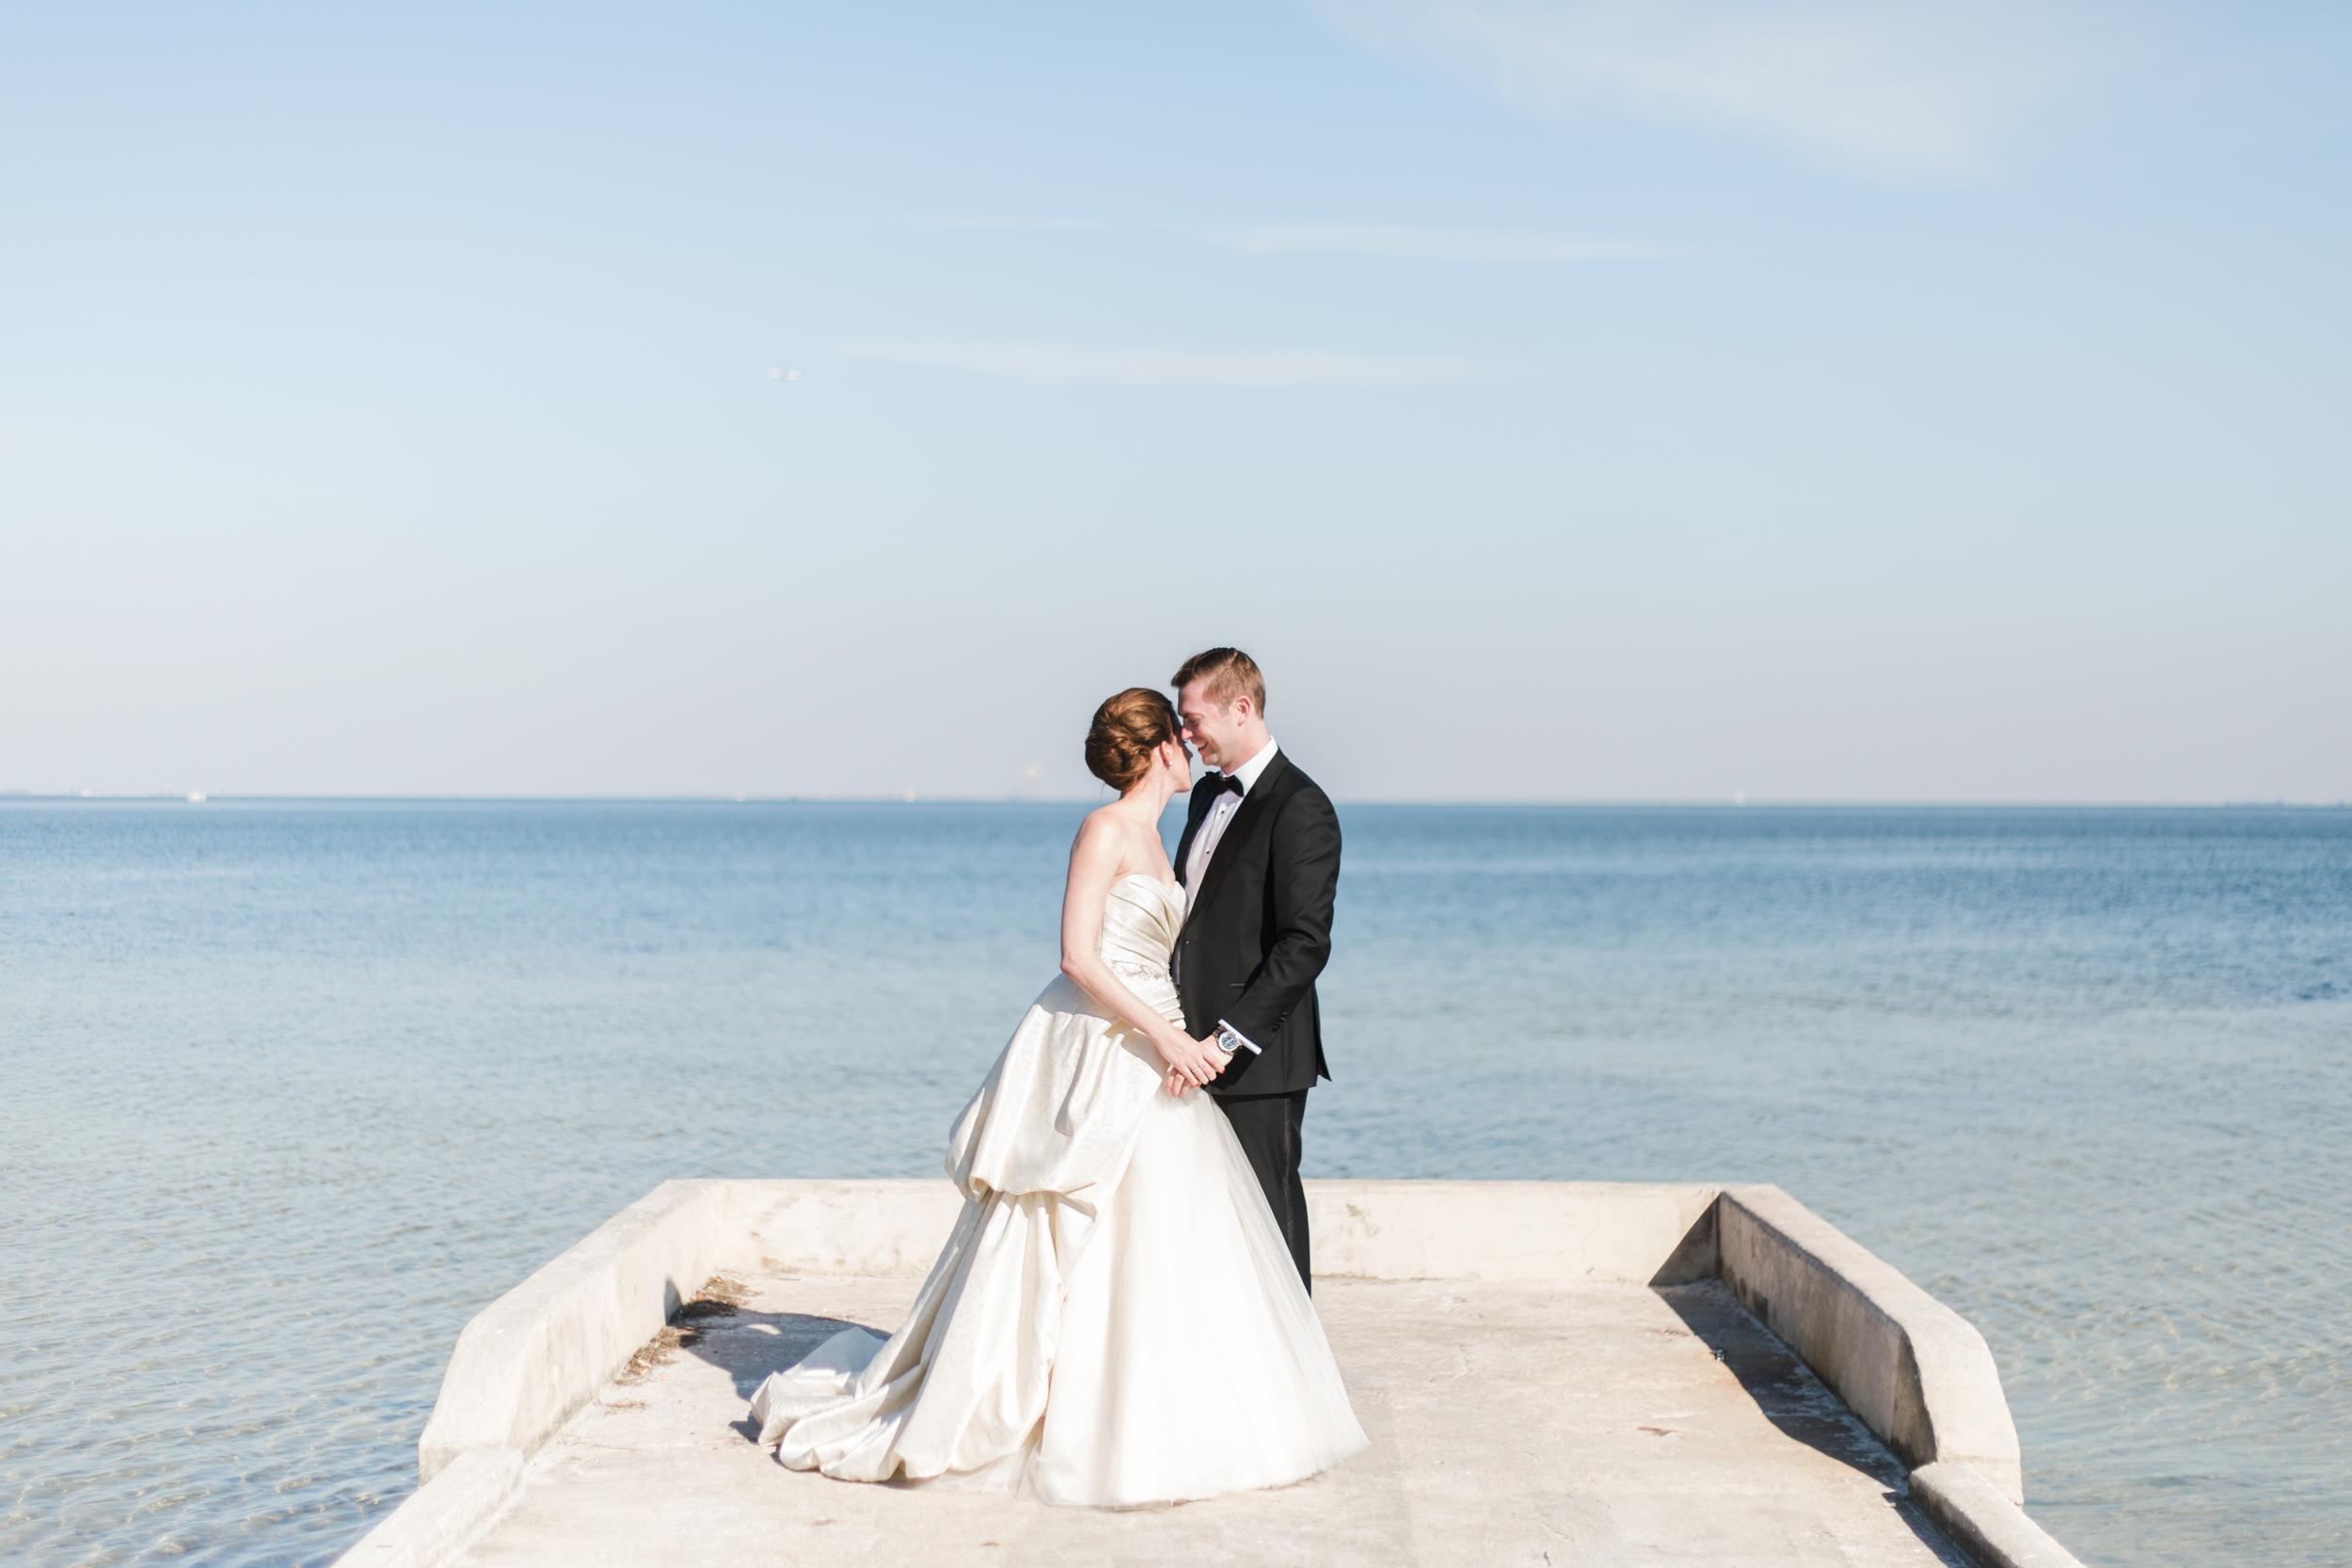 Emily + Eric - D Formal Photos - St. Petersburg Wedding Photography - Destination Wedding Photography - Emily & Co Wedding Photography (50).jpg